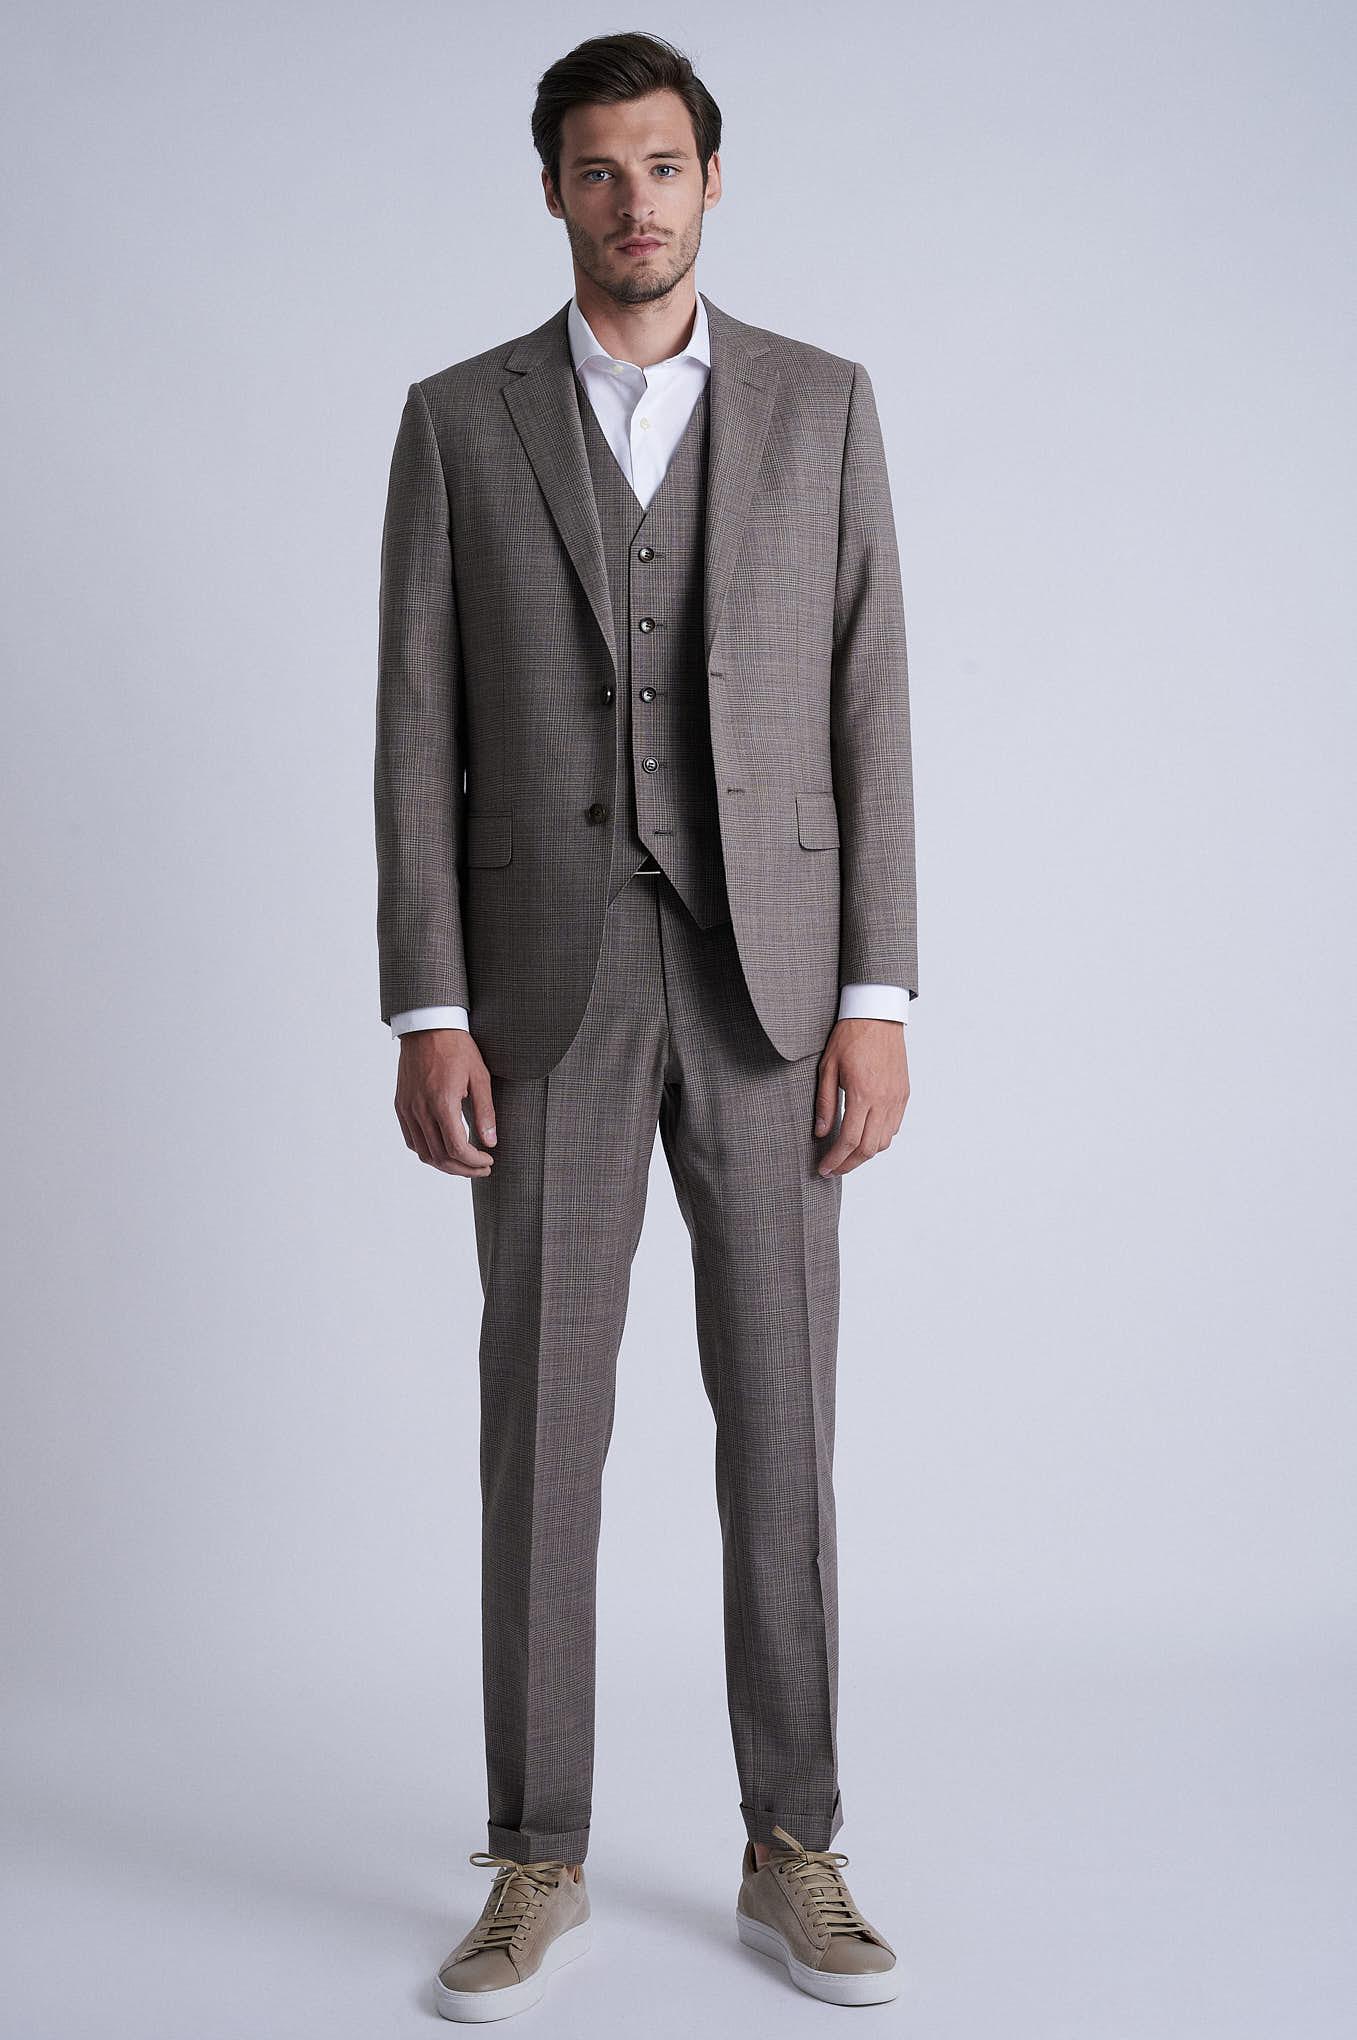 Suit with Vest Beige Formal Man